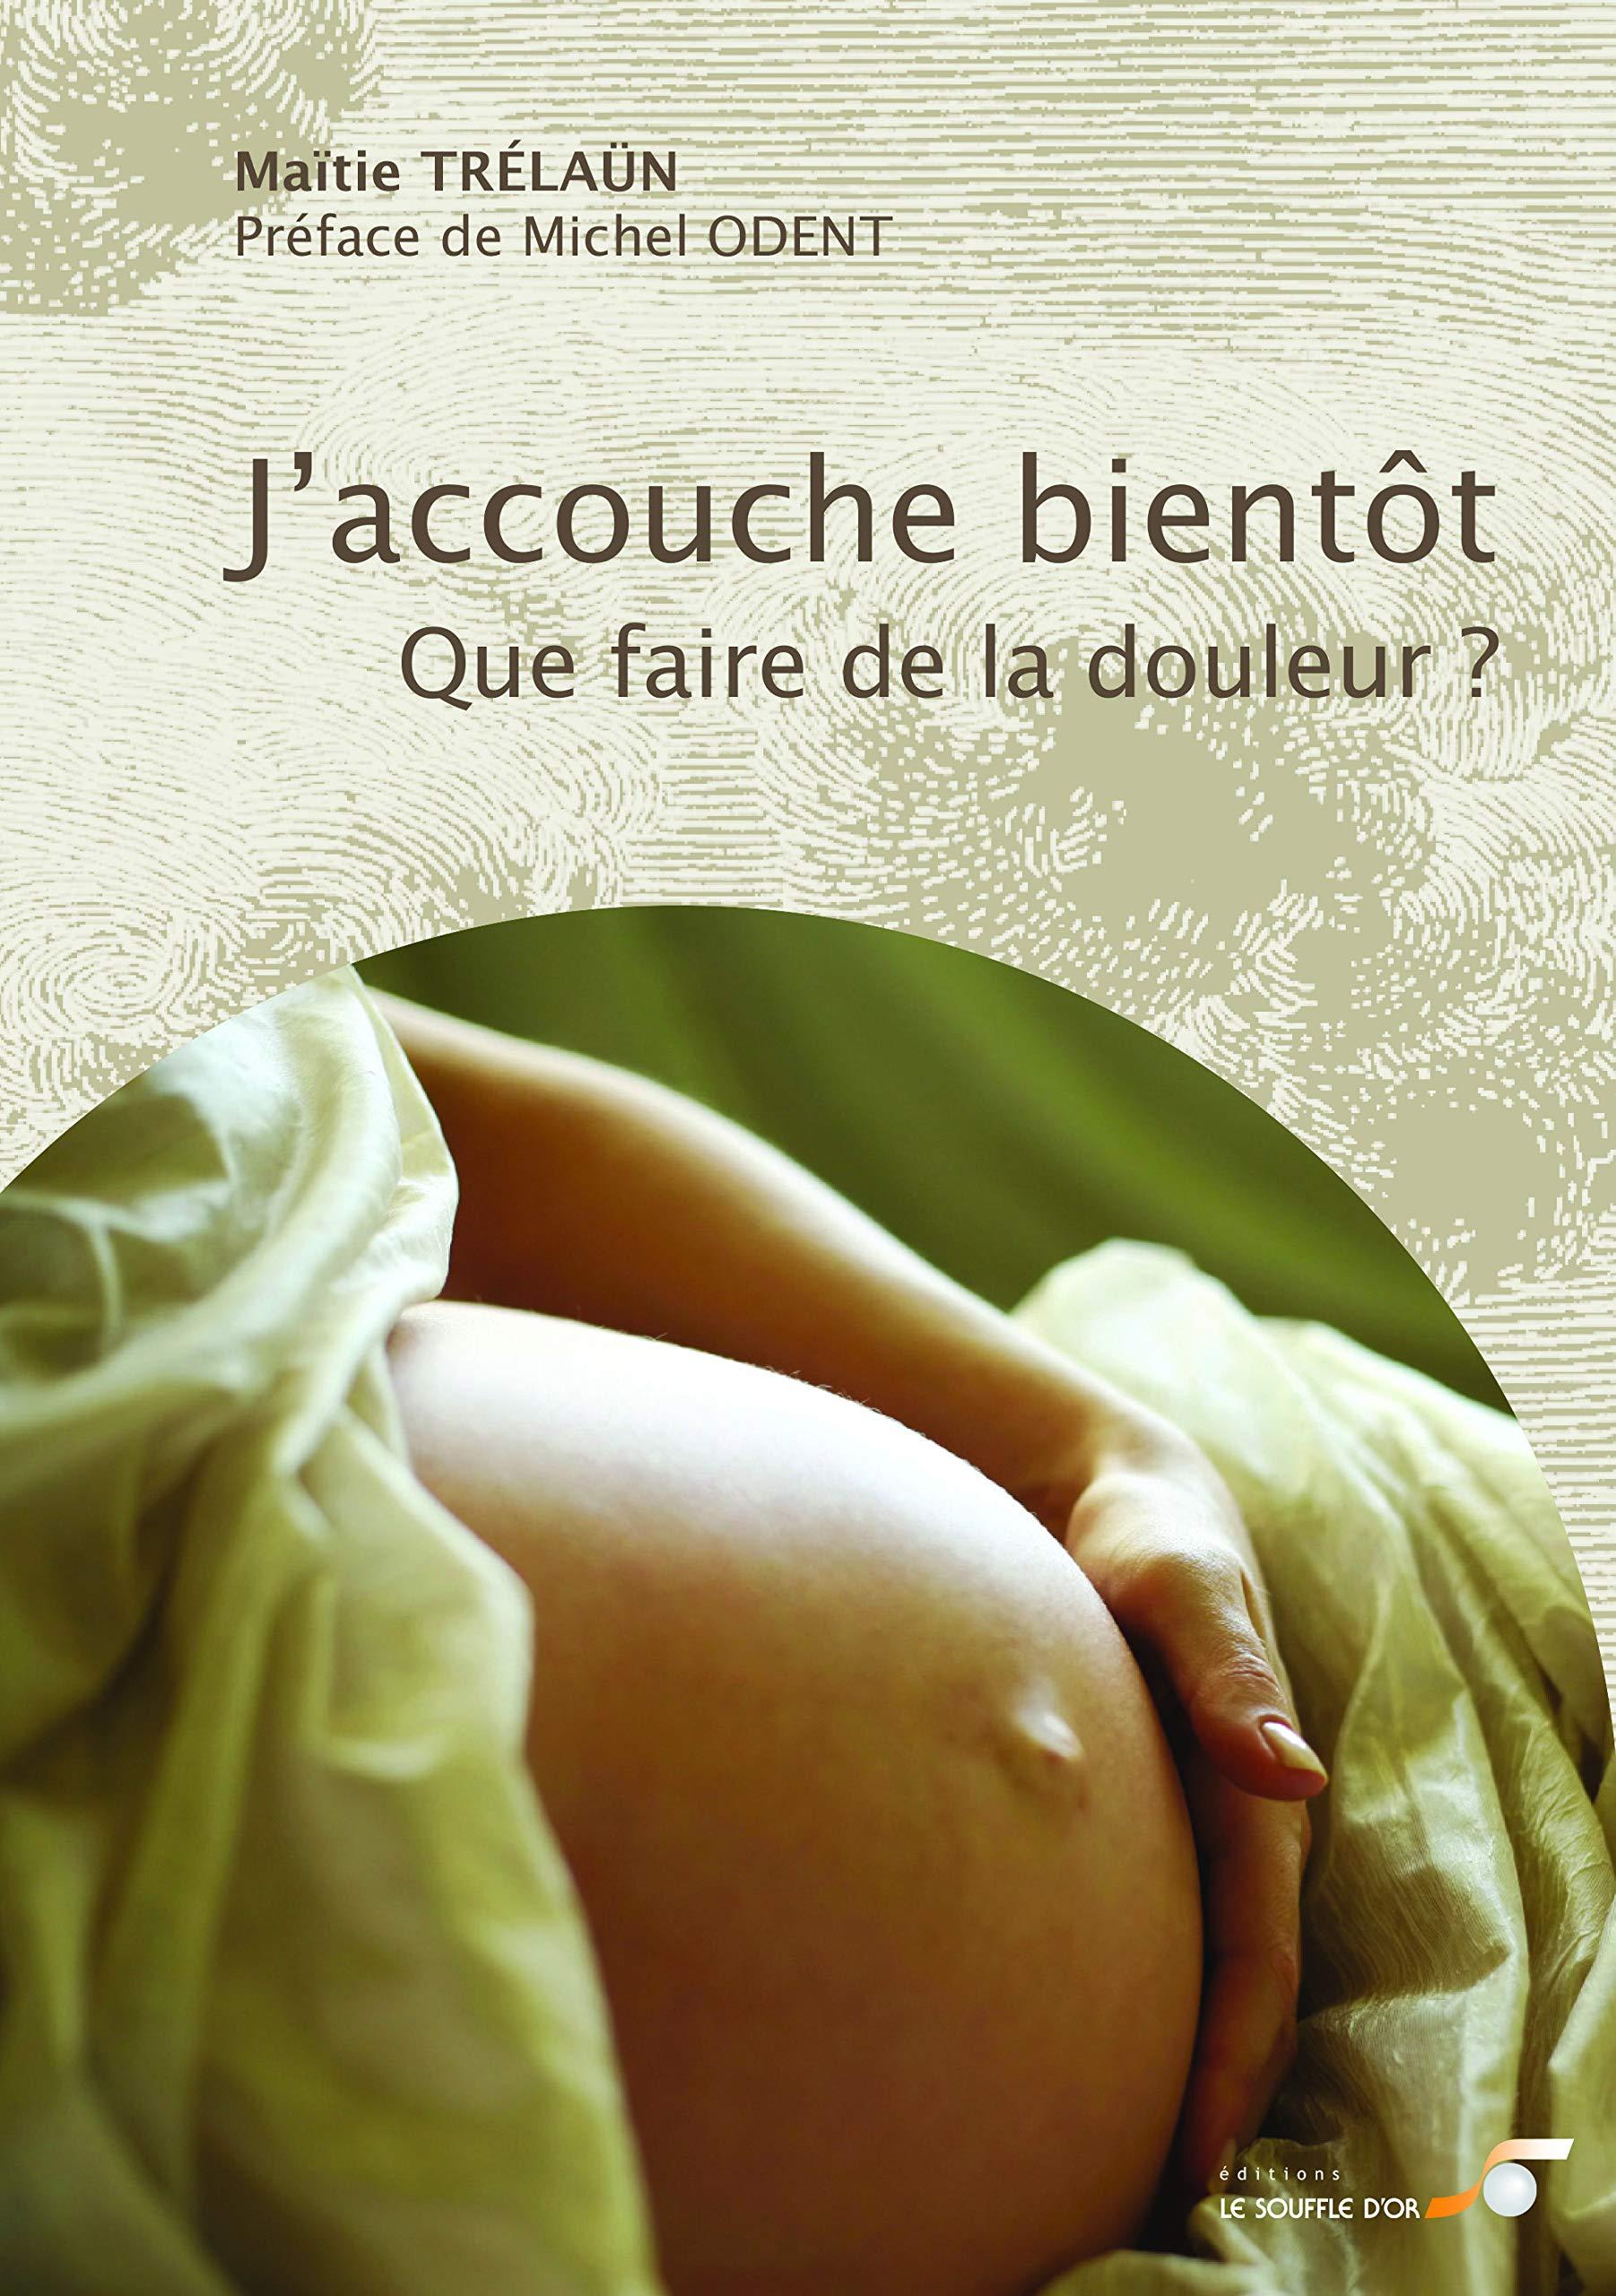 jaccouche-bientot-que-faire-de-la-douleur